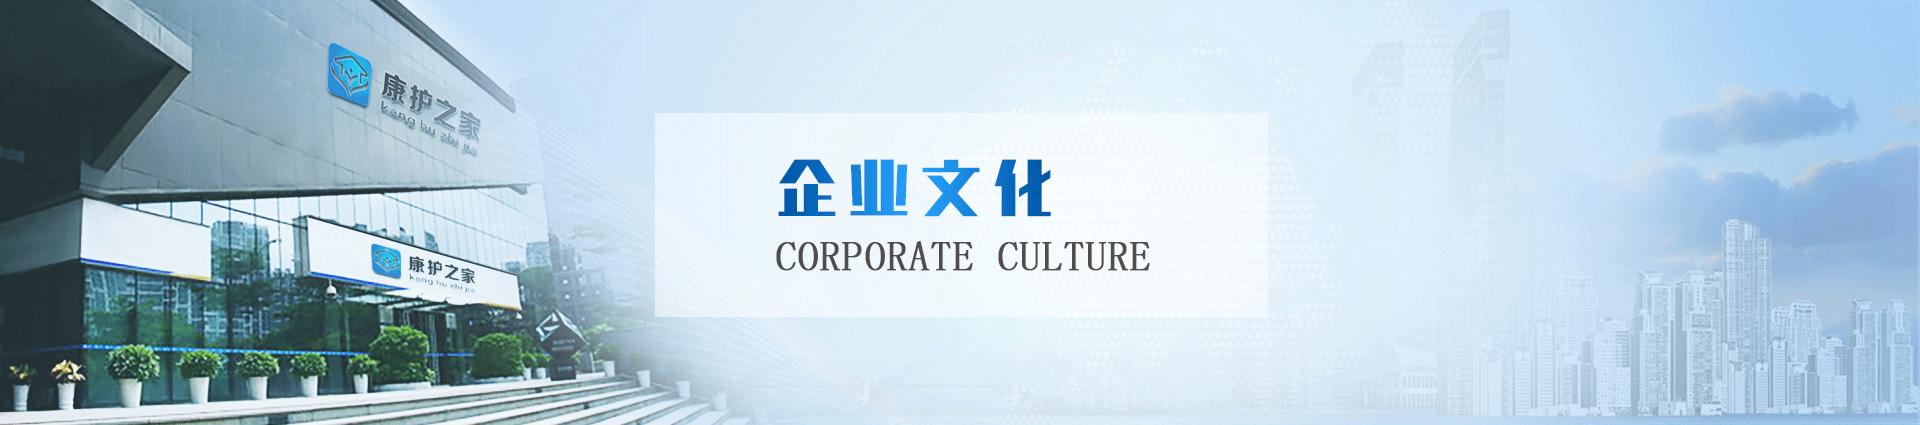 康护之家企业文化